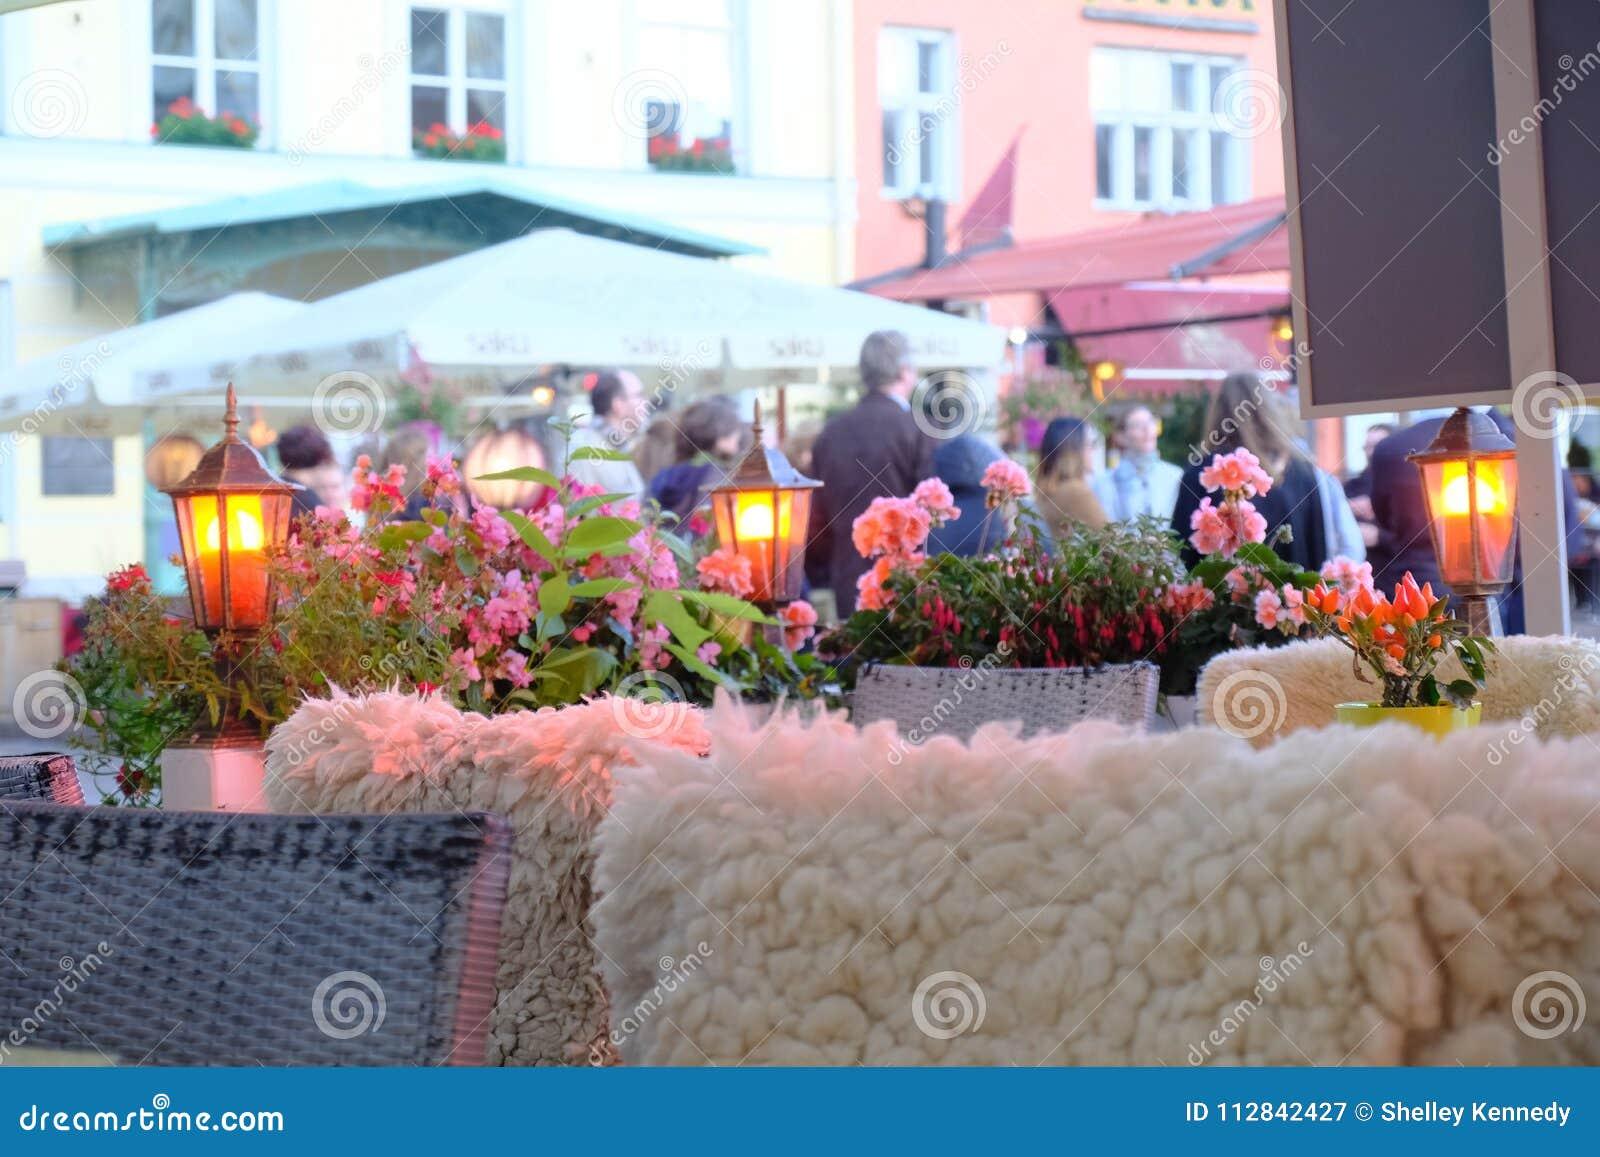 Pretty outdoor scene in the town square of Tallinn, Estonia